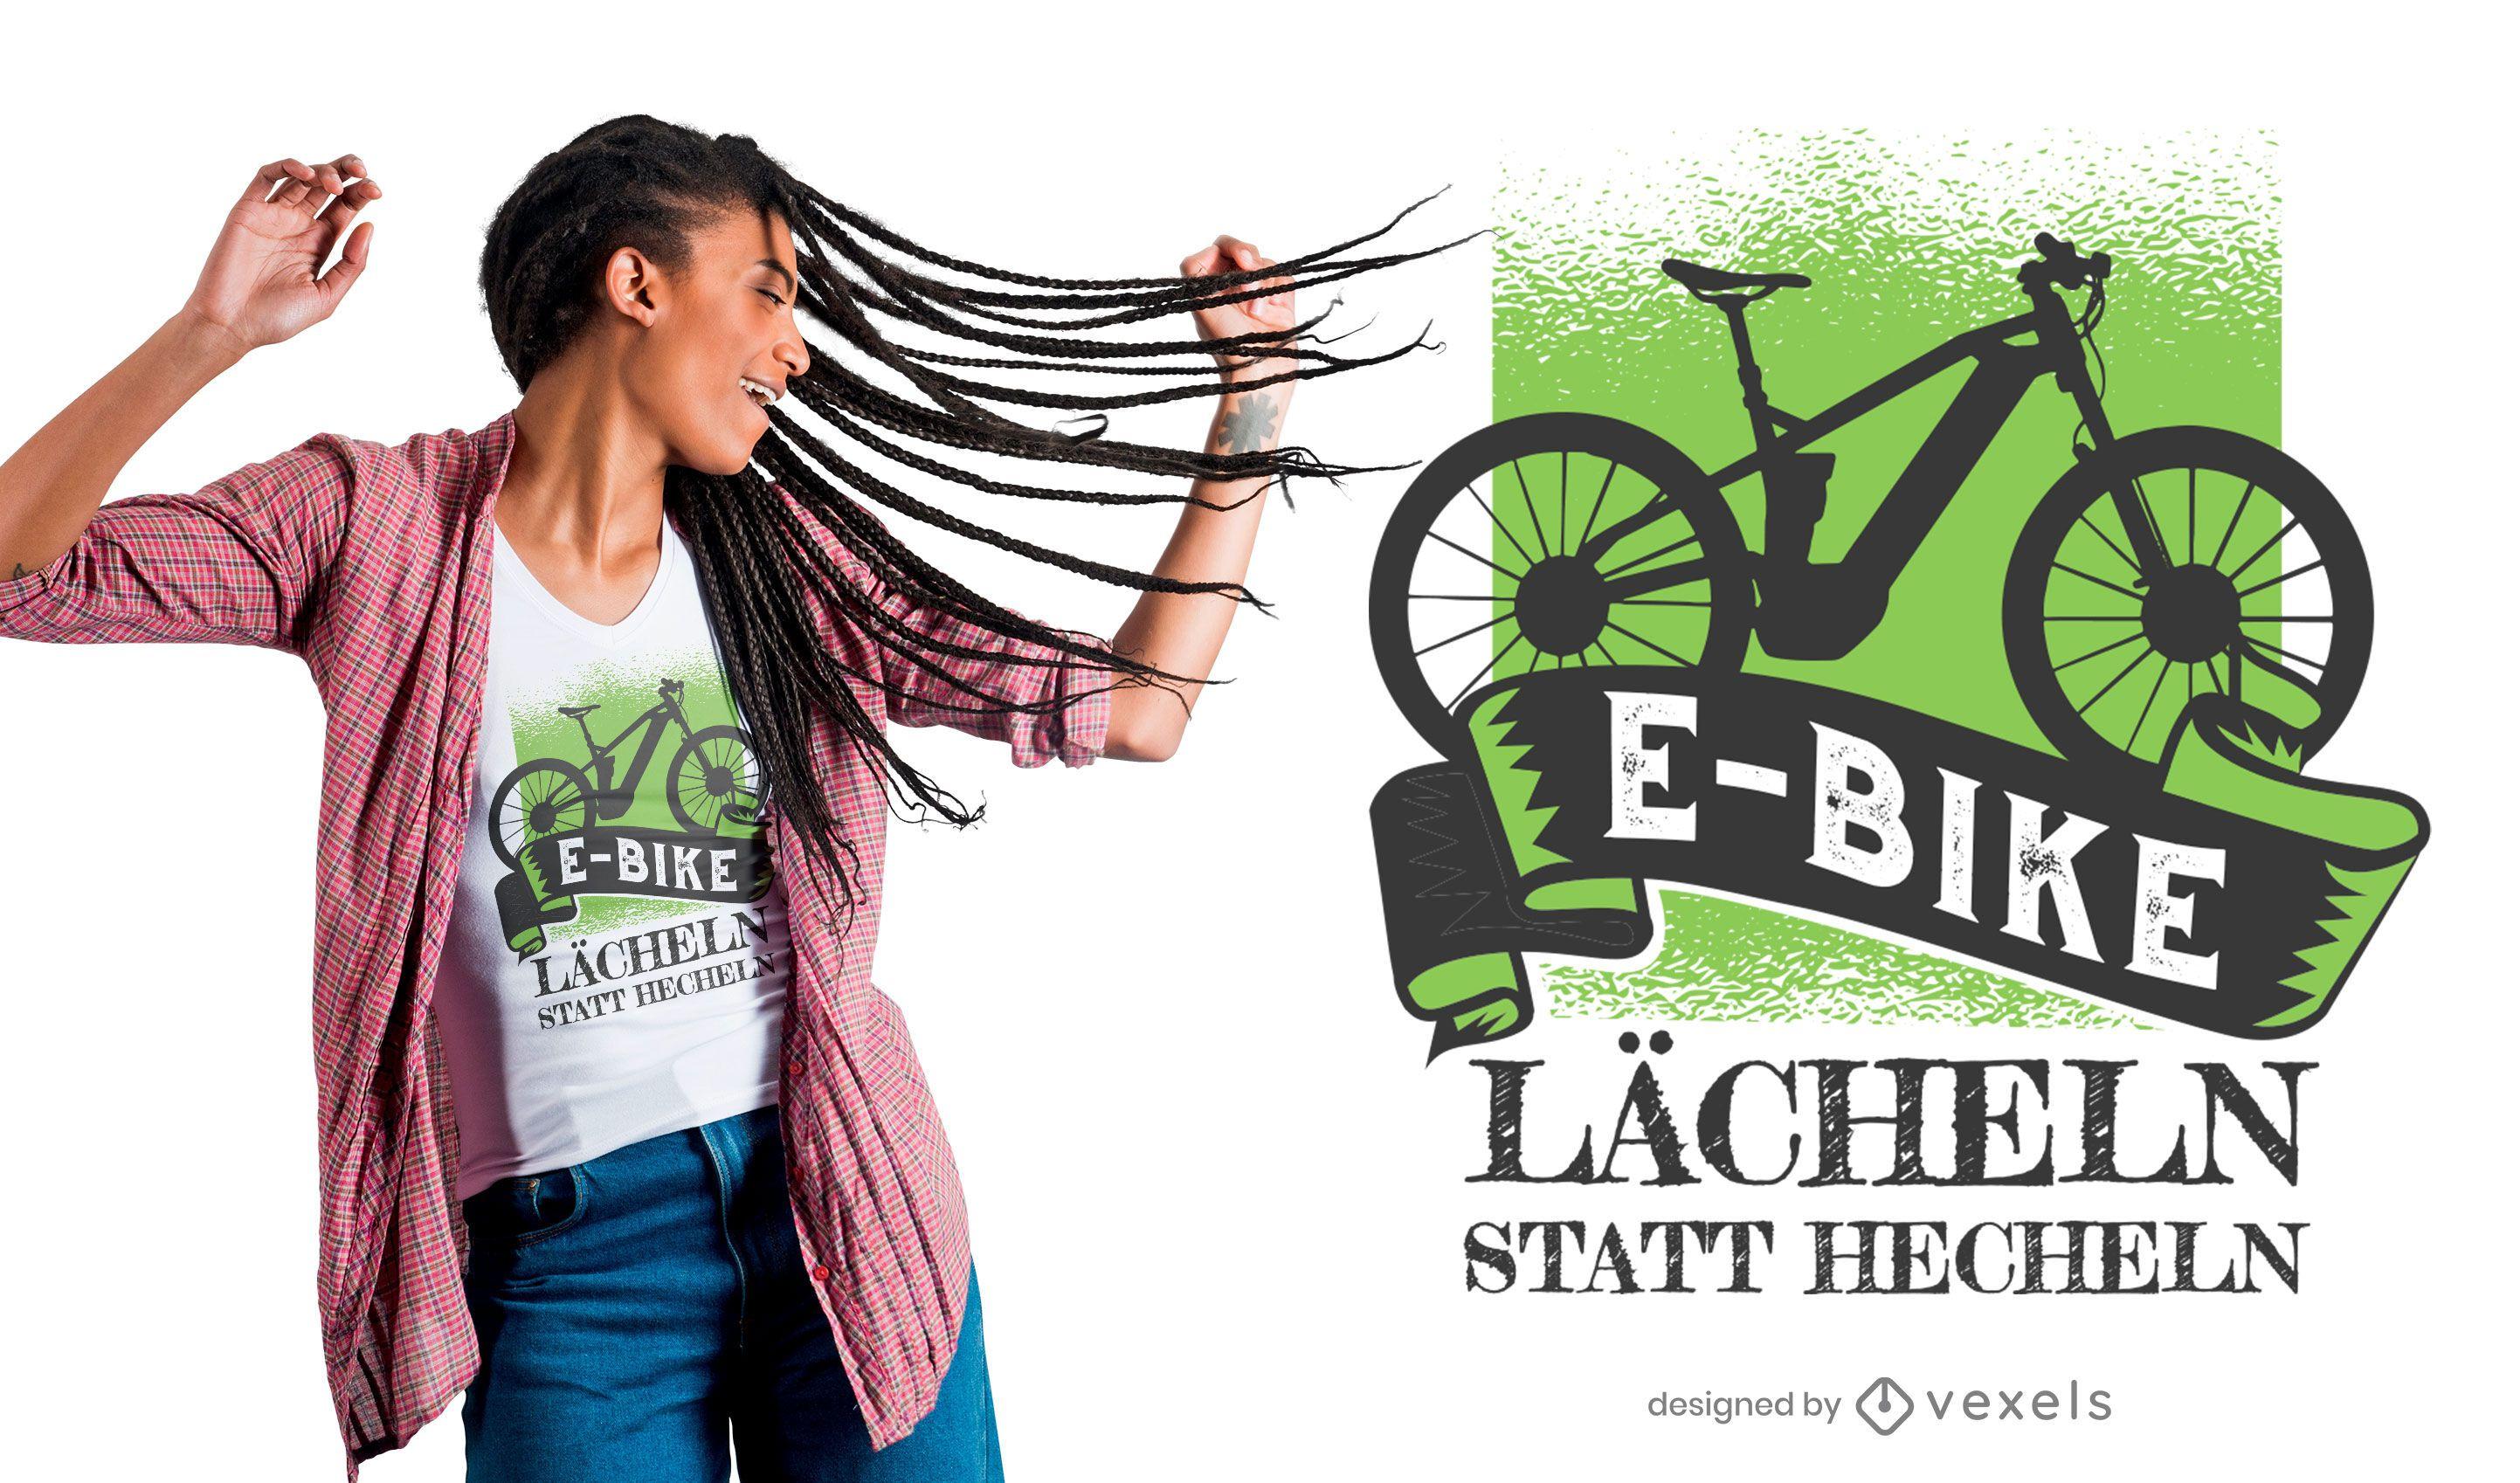 E-Bike German Text T-shirt Design